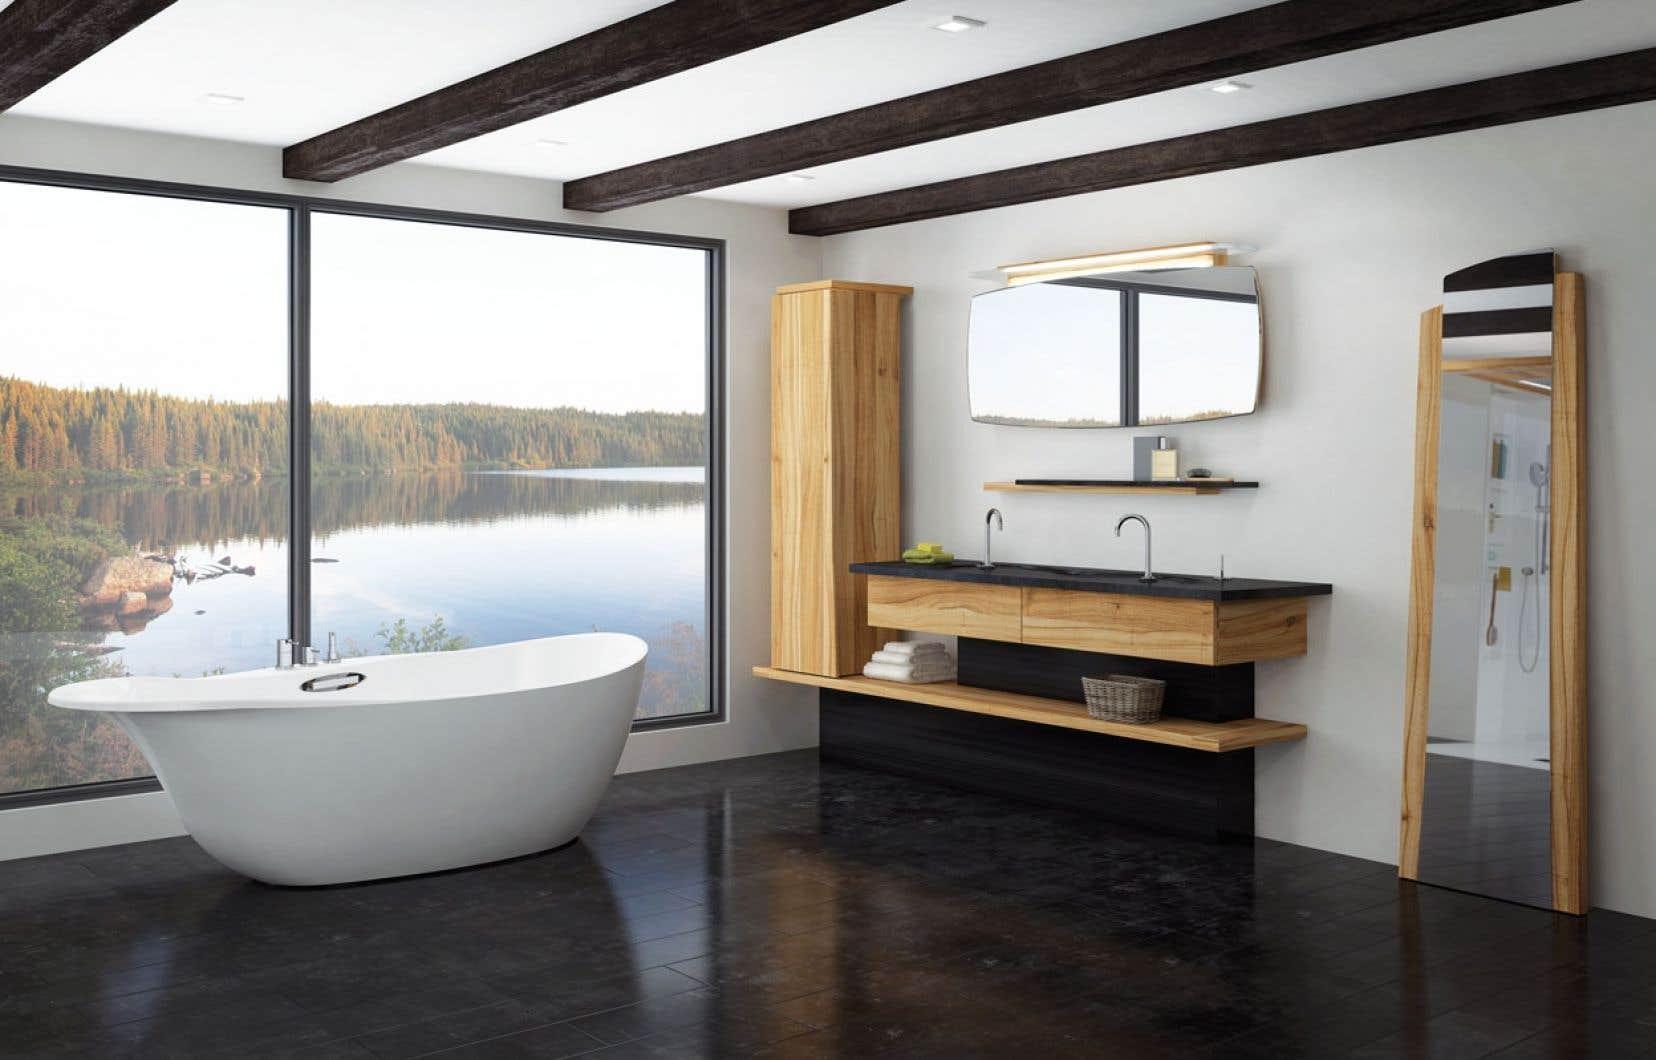 La collection de salle de bains Origine comprend des pièces telles que la baignoire Taïga et le lavabo Eskr inspirés du passage des glaciers qui ont marqué le territoire québécois, laissant dans la roche rainures, rondeurs et courbes douces et allongées.